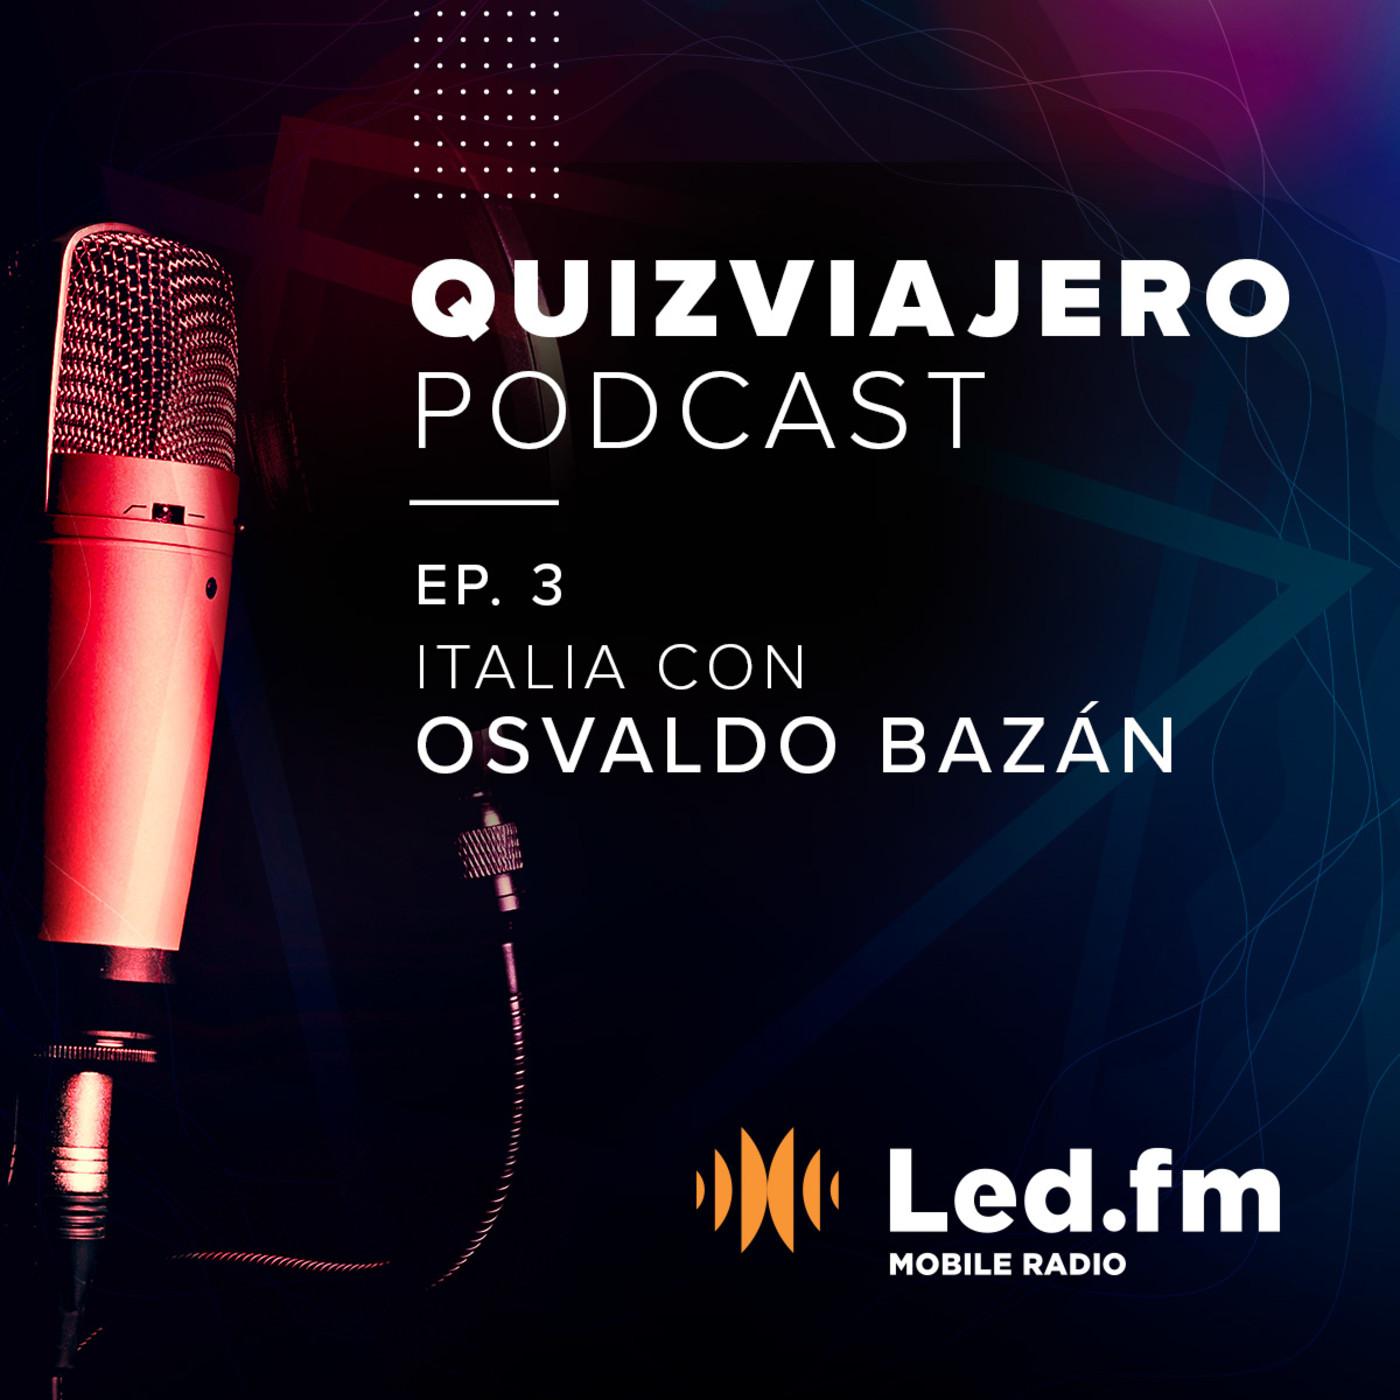 Quiz Viajero Podcast - Episodio 03: Italia